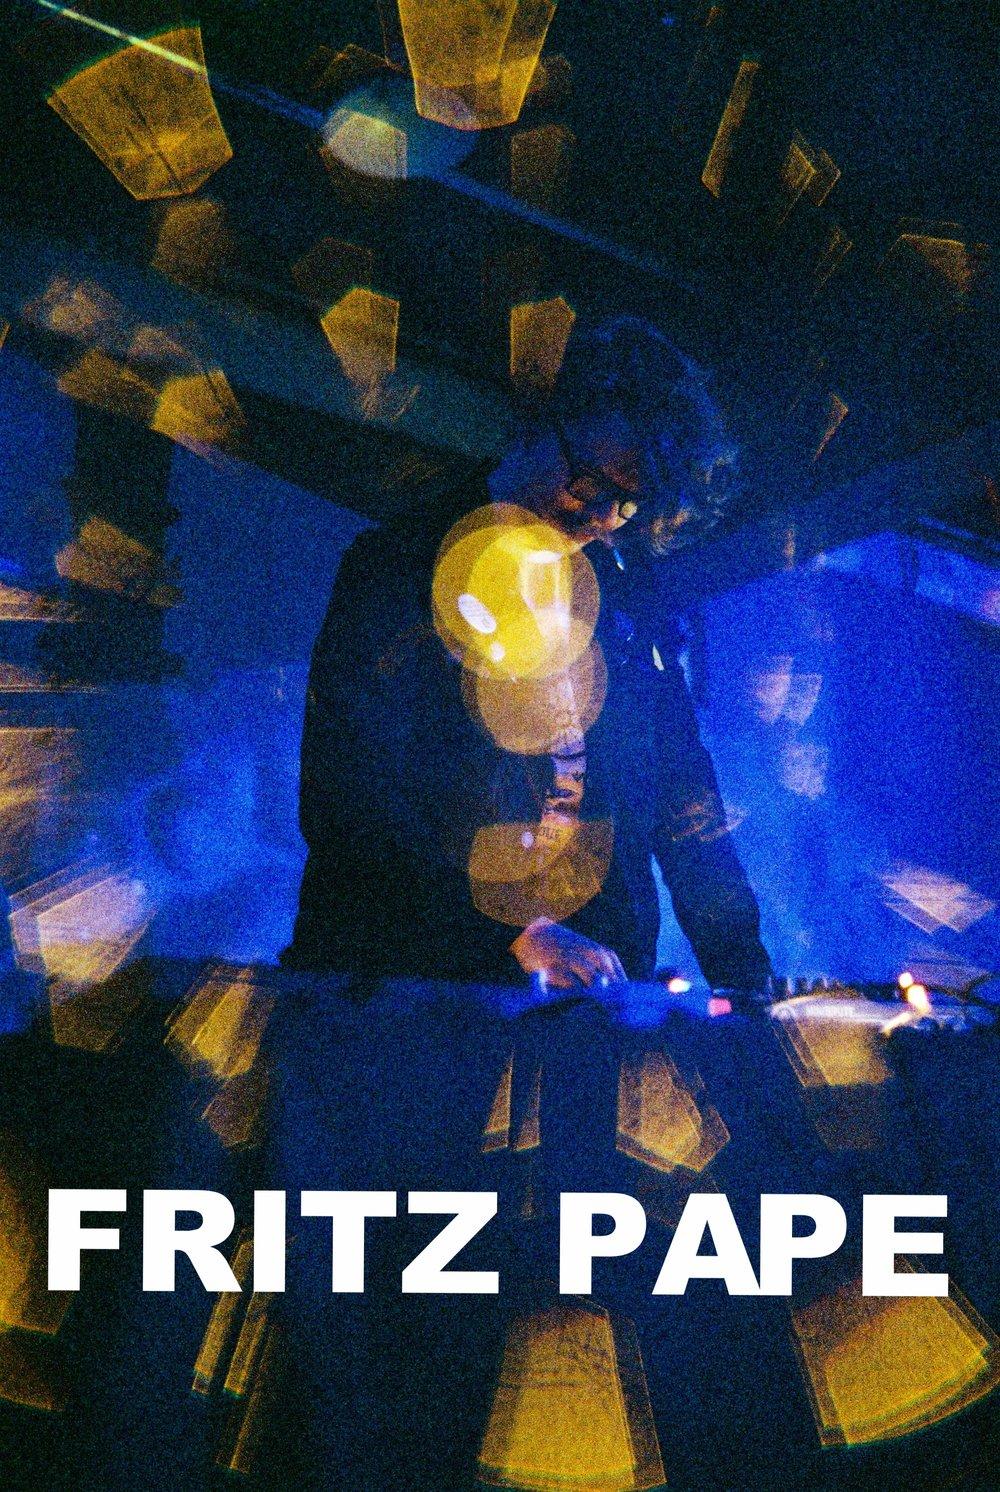 Fritz Pape.jpg